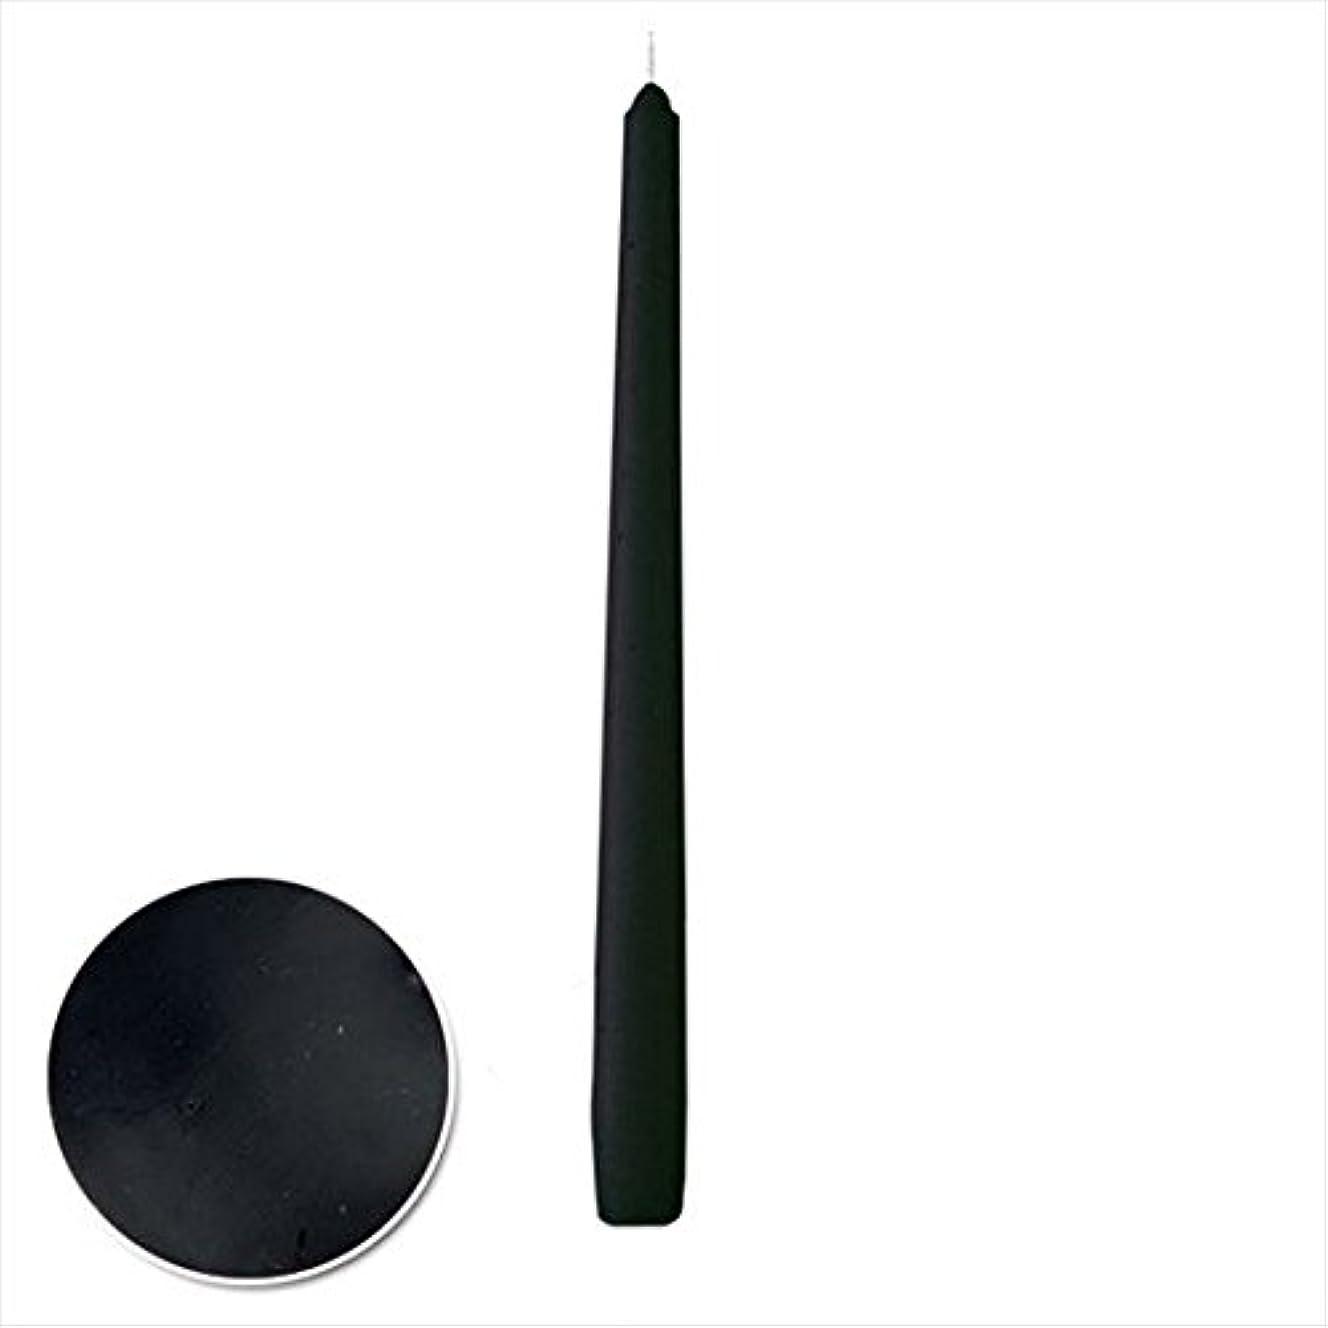 押し下げるレルム苦痛カメヤマキャンドル(kameyama candle) 12インチテーパー 「 ブラック 」 12本入り